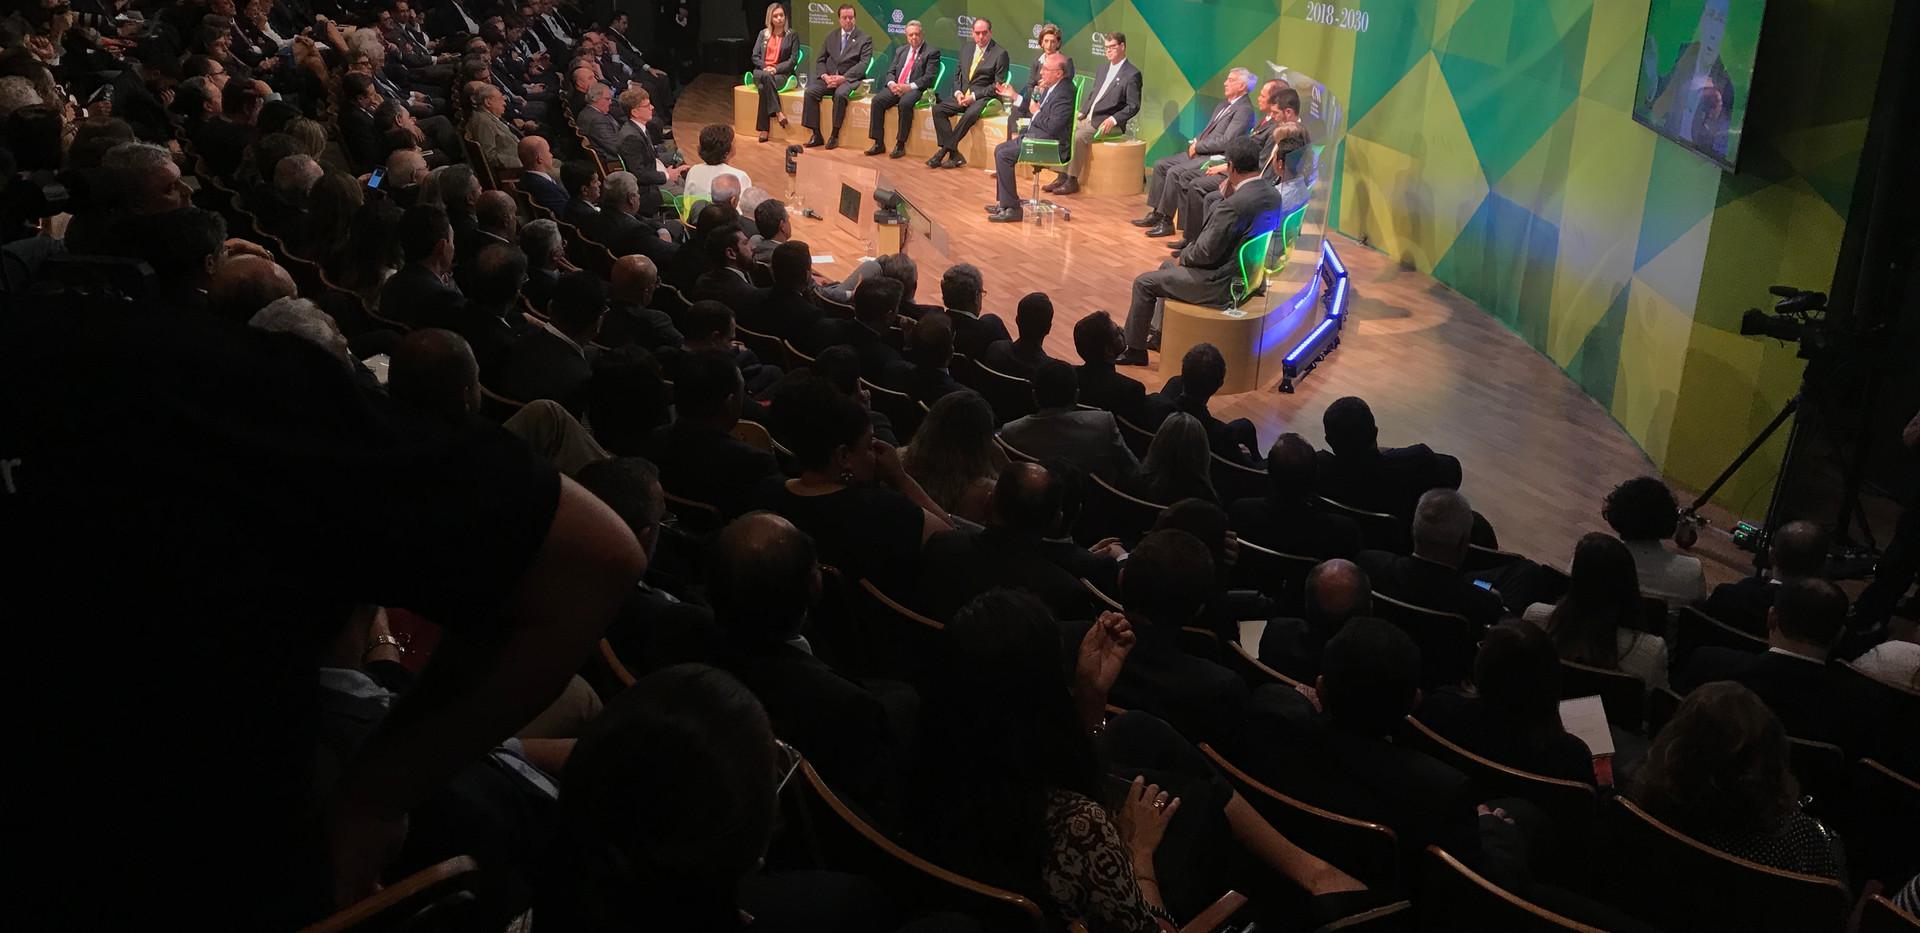 O_Futuro_e_Agro_CNA_Encontro_com_Presidenciaveis